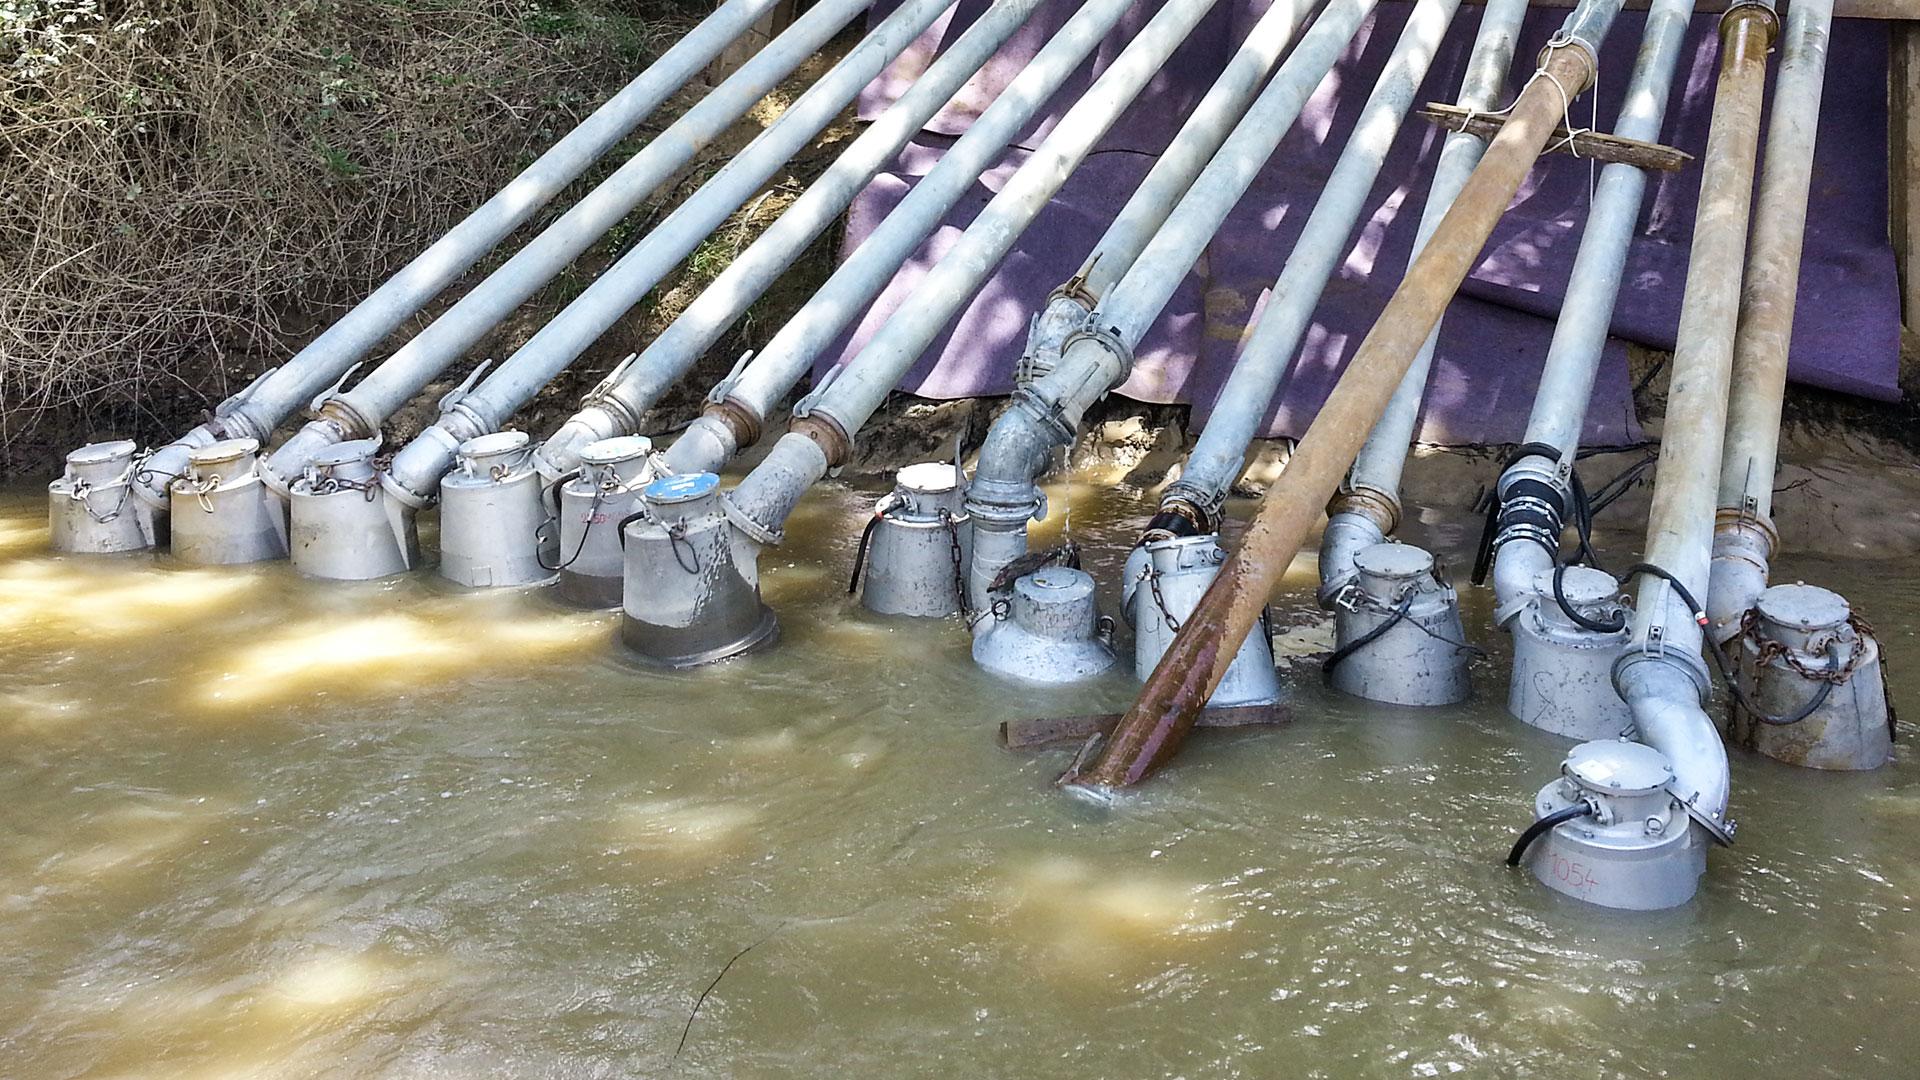 13 pompes submersibles électriques dans de l'eau chargée